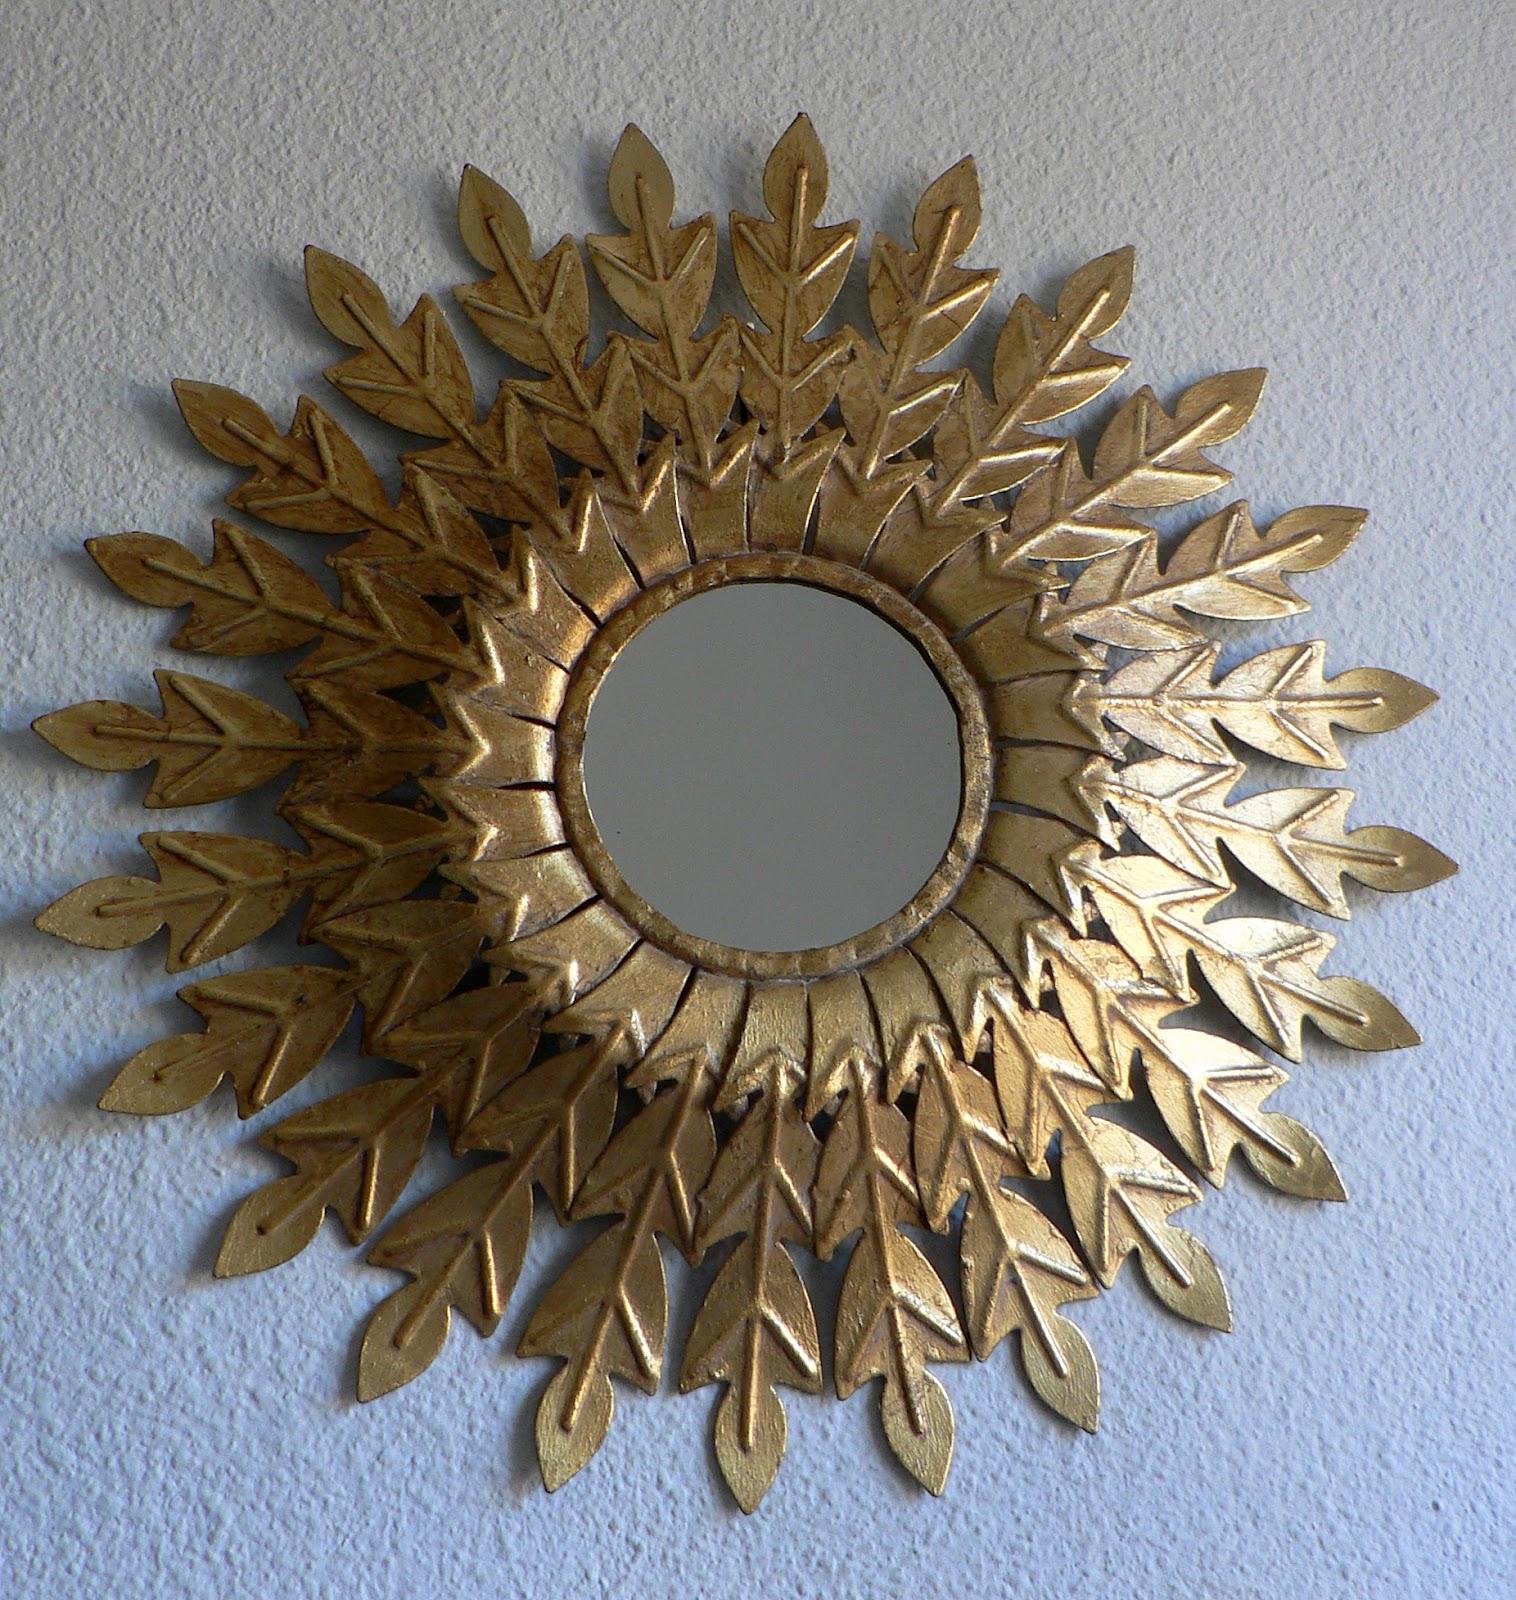 Vintage kitsch siglo xx espejo sol dorado a os 60 metalico - Espejo sol dorado ...